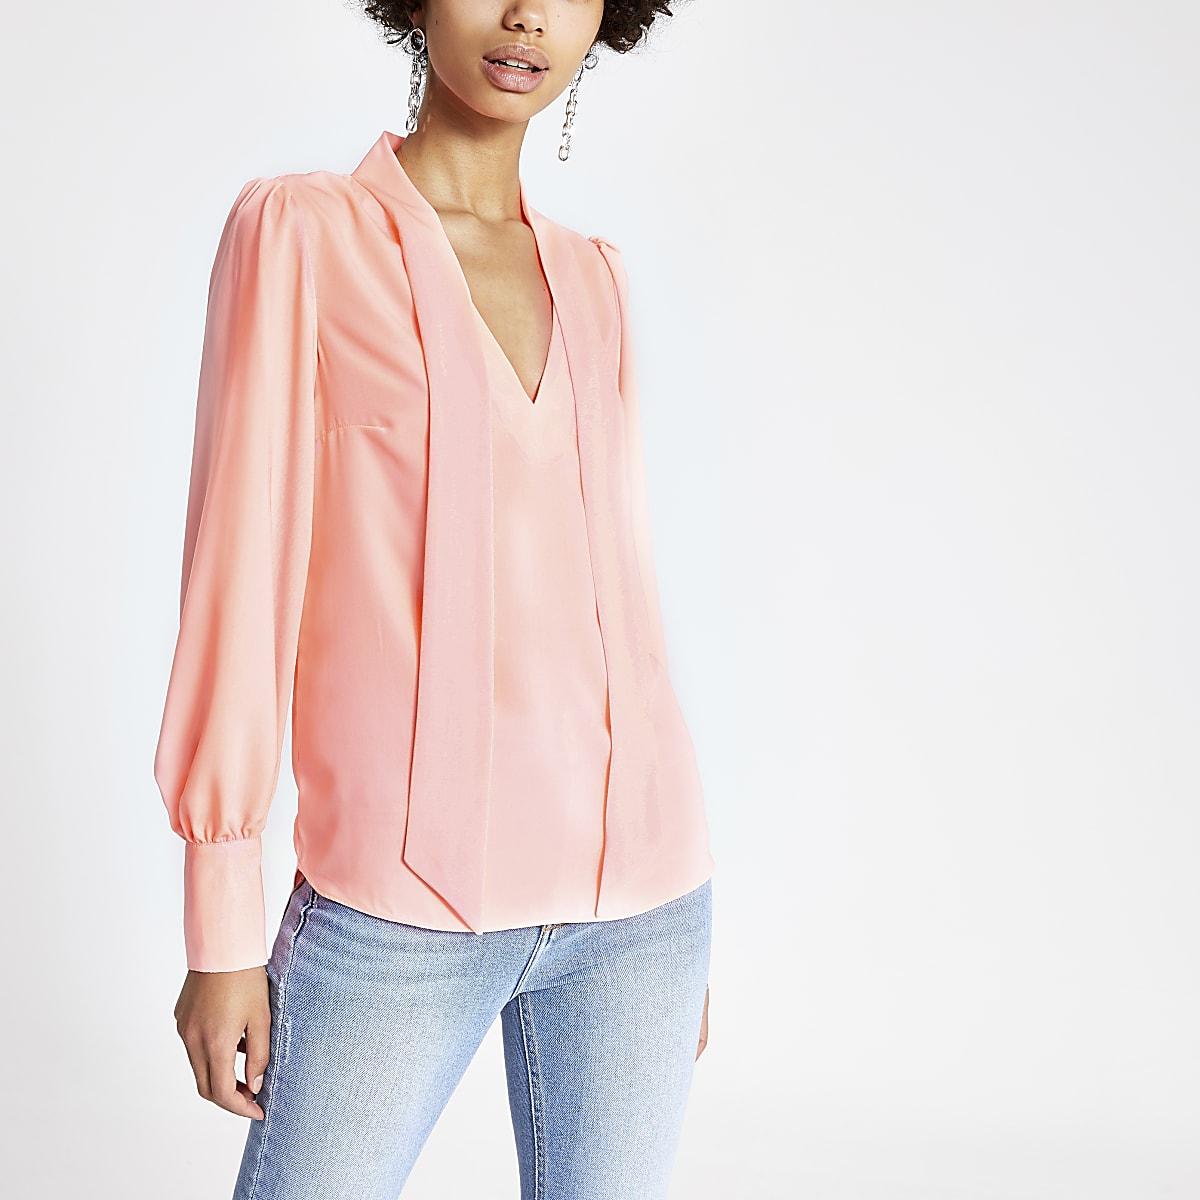 Coral tie neck blouse